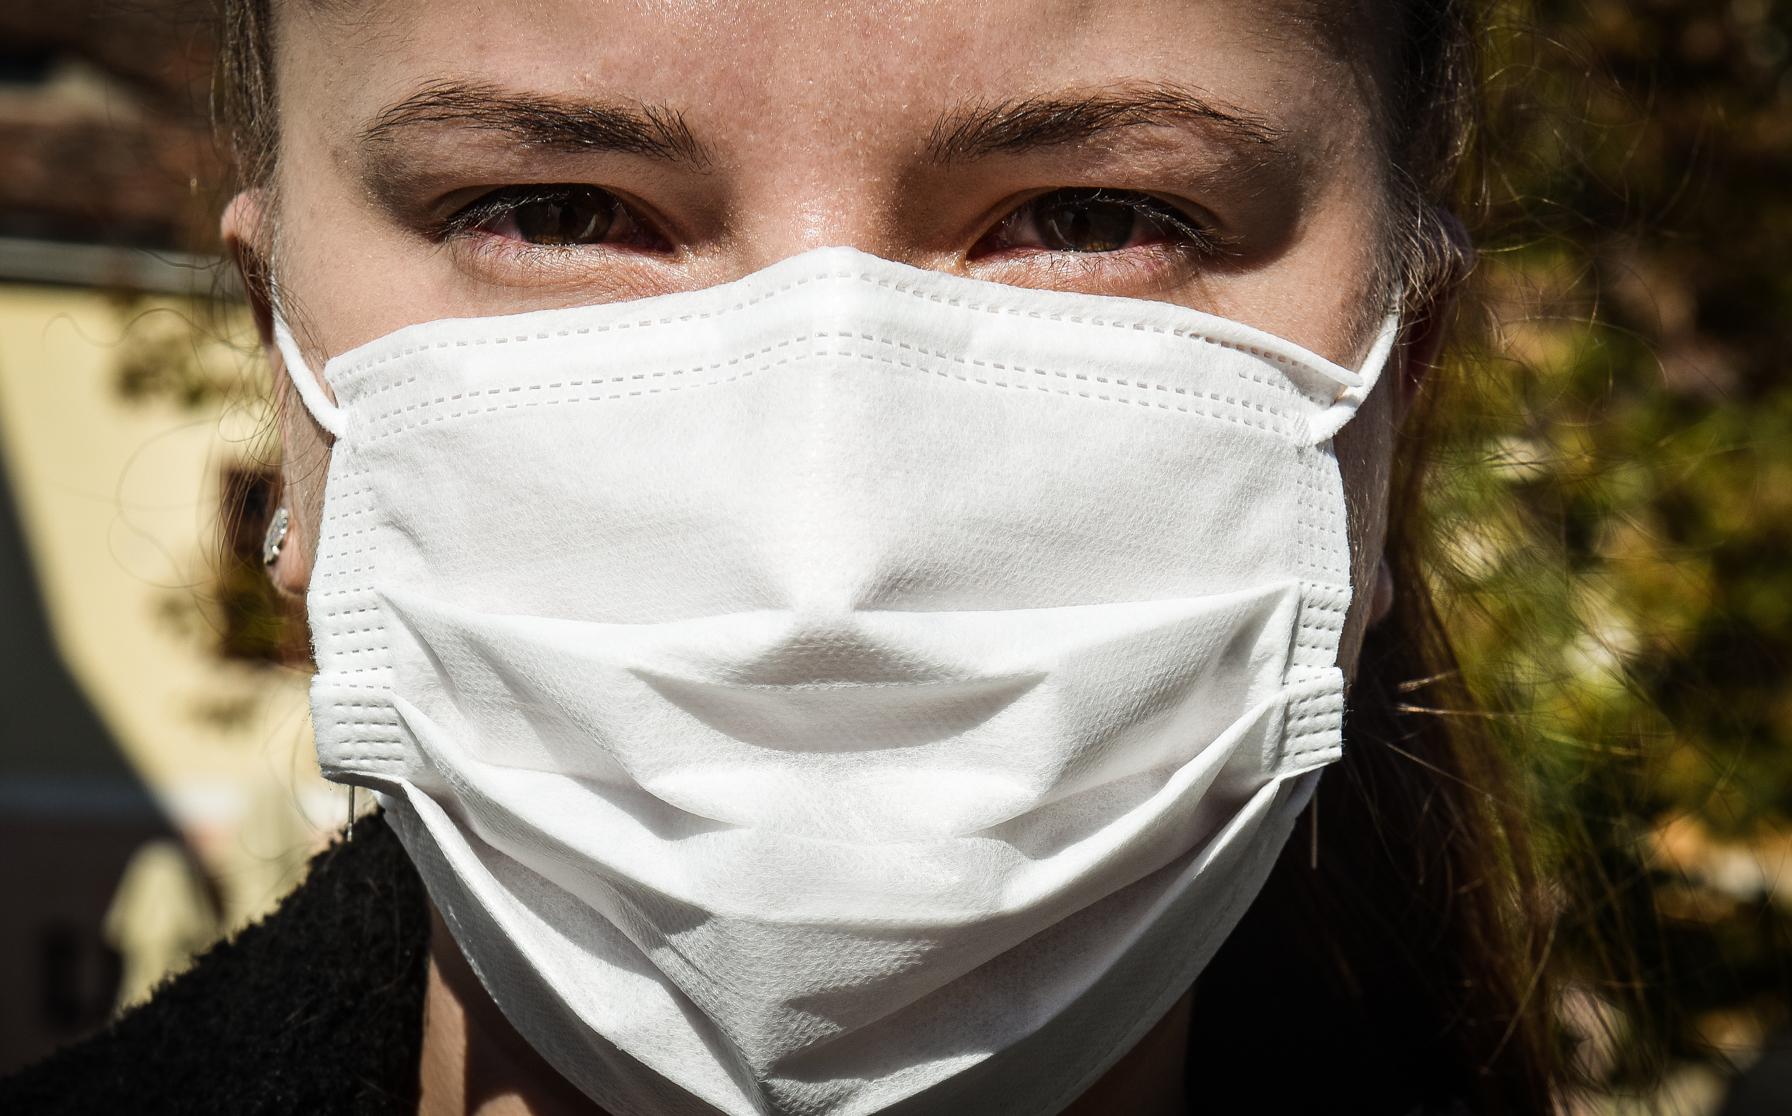 Studiu: Infectarea cu COVID-19 poate să nu ofere protecţie împotriva noilor variante îngrijorătoare